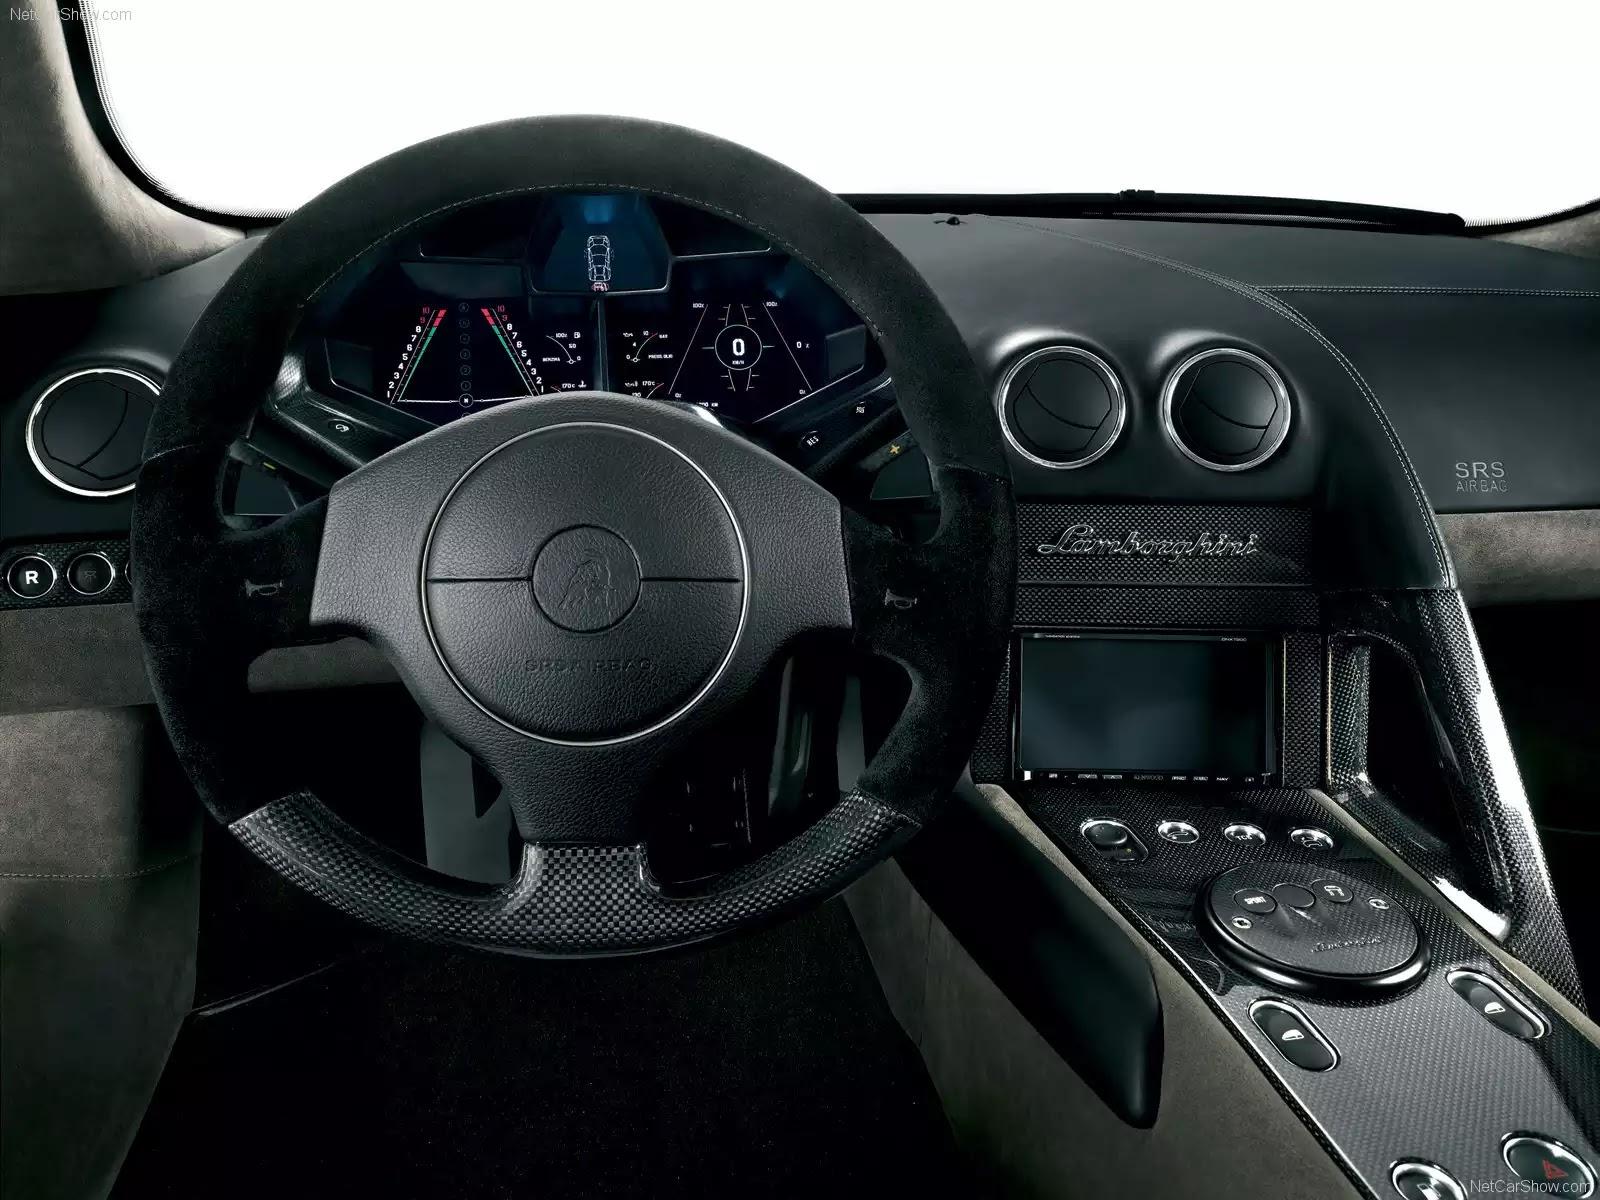 Hình ảnh siêu xe Lamborghini Reventon 2008 & nội ngoại thất